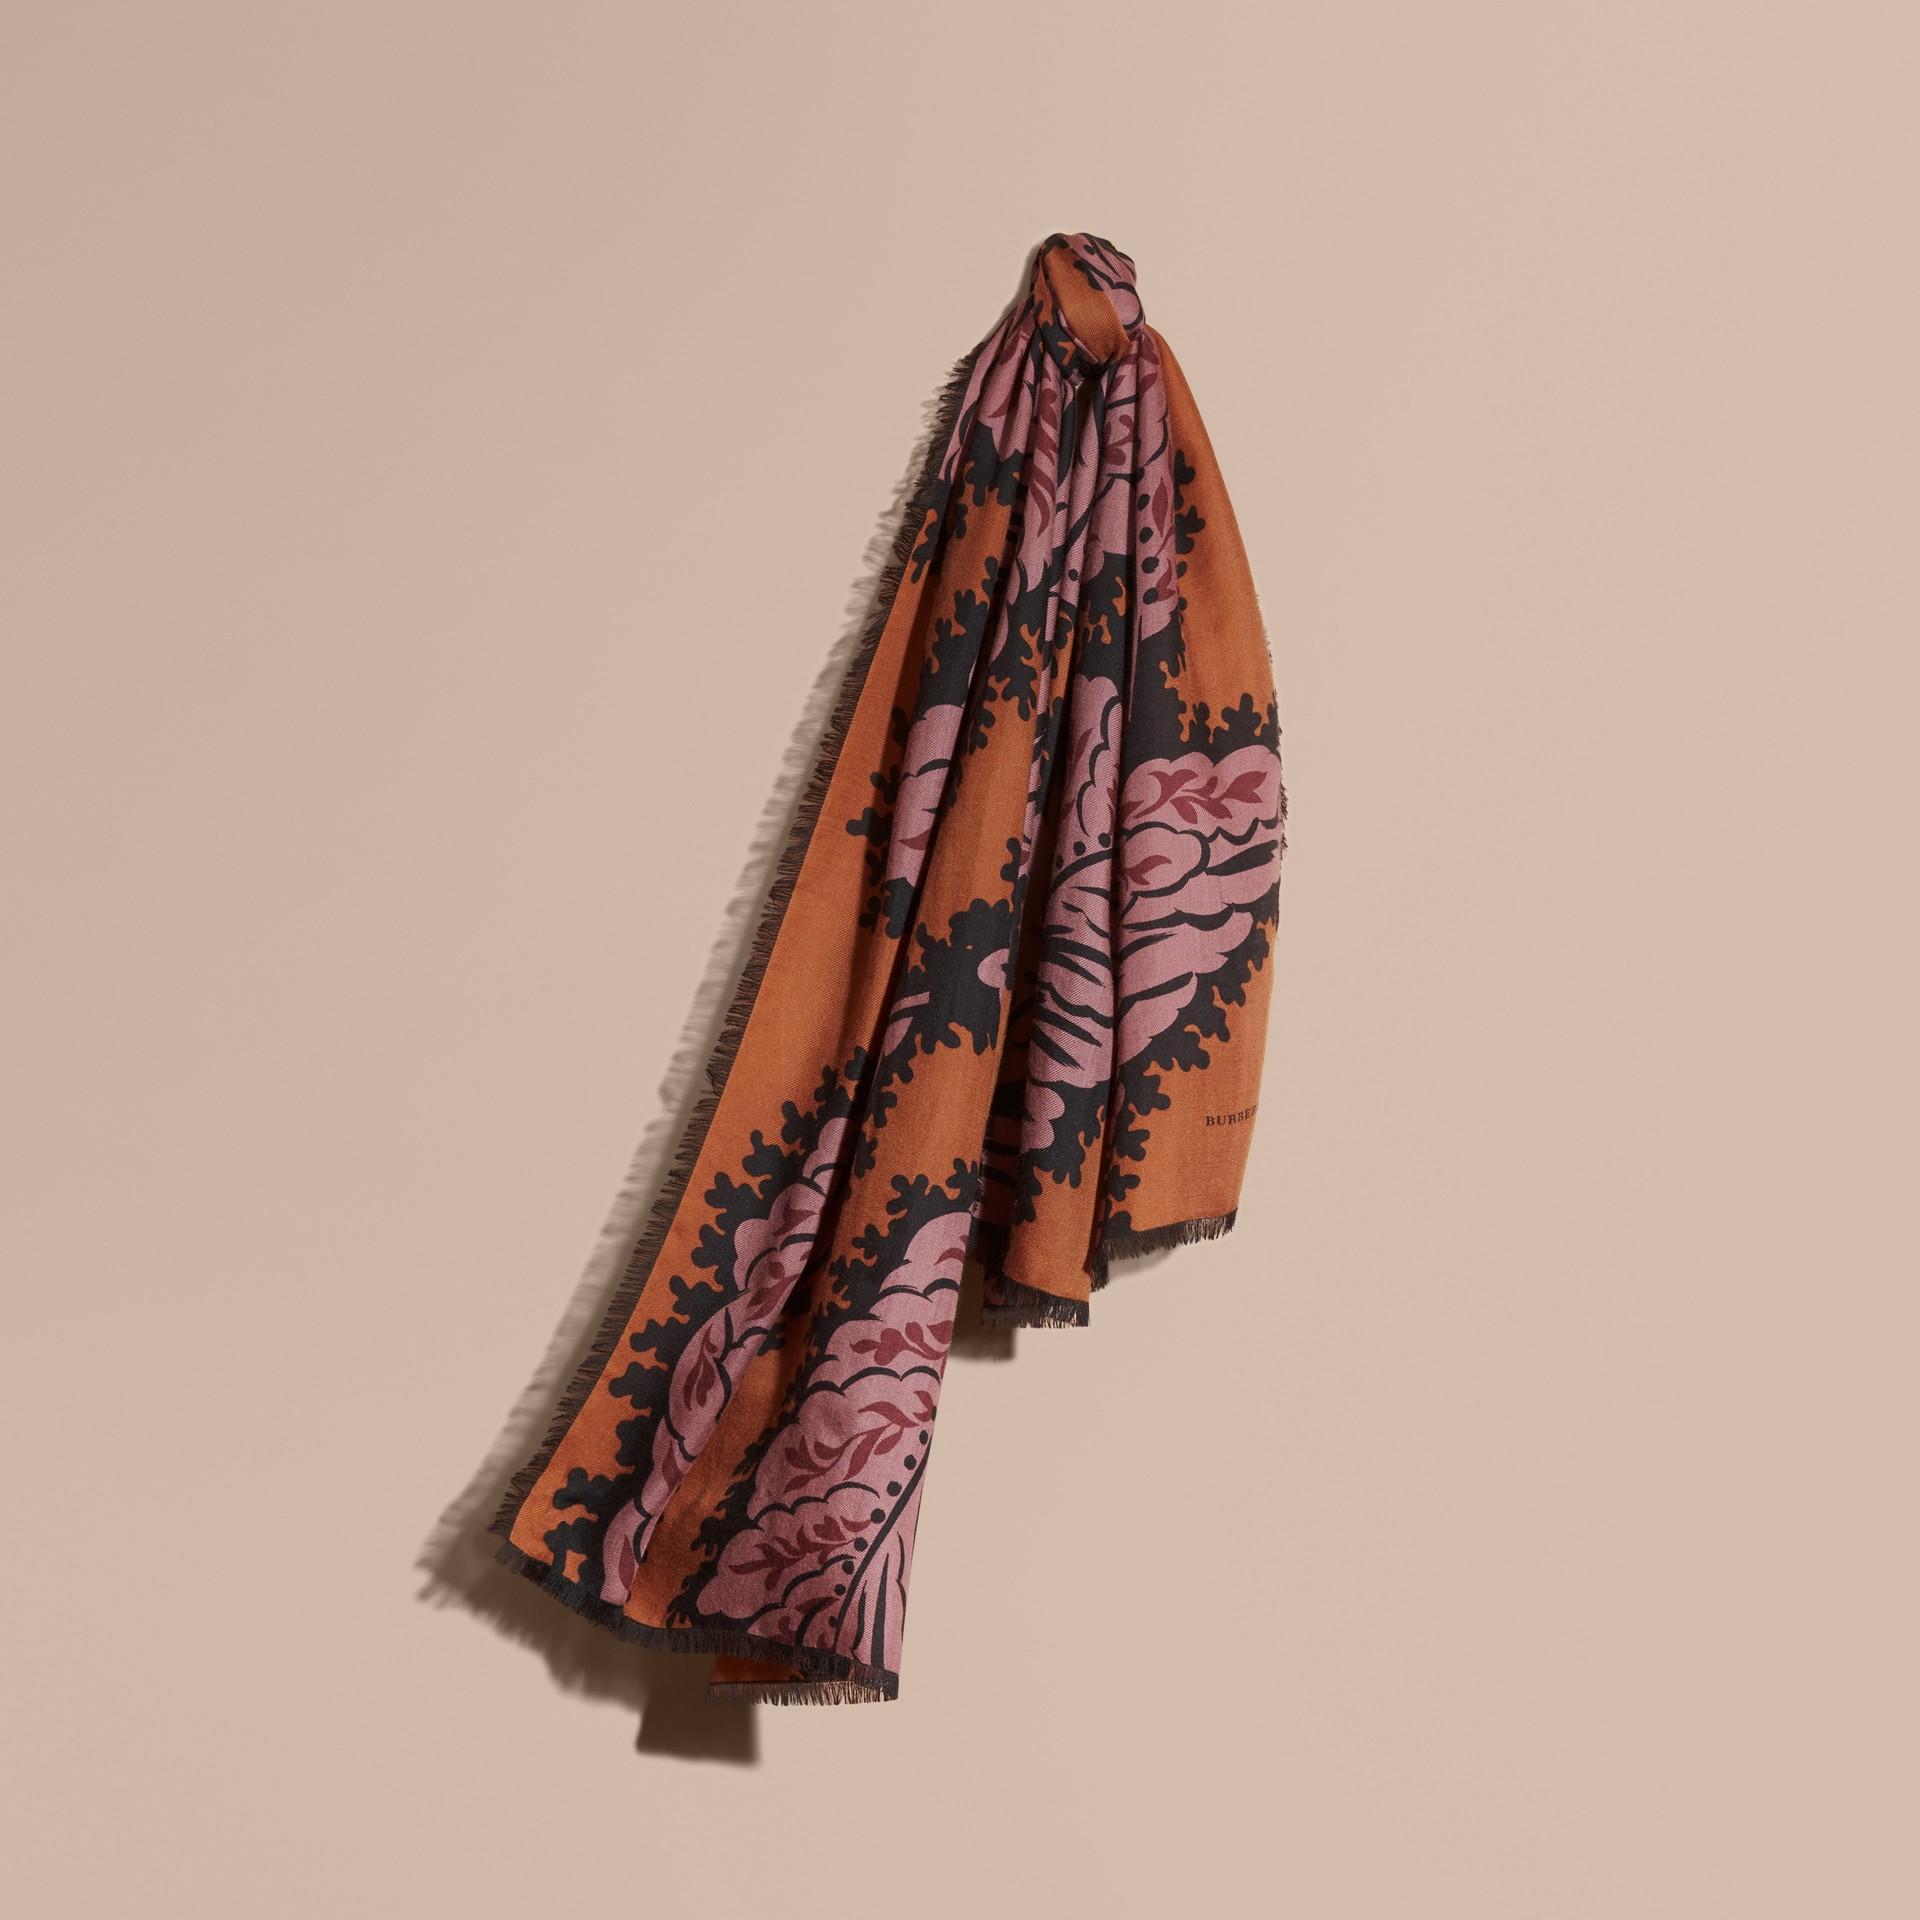 Toffee vif Foulard en cachemire à imprimé feuillage Toffee Vif - photo de la galerie 1